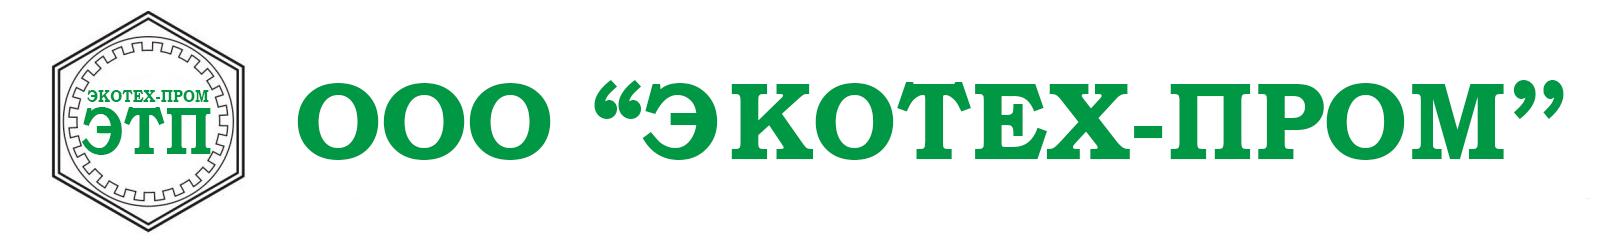 """ООО """"Экотех-Пром"""" Тамбов Логотип"""